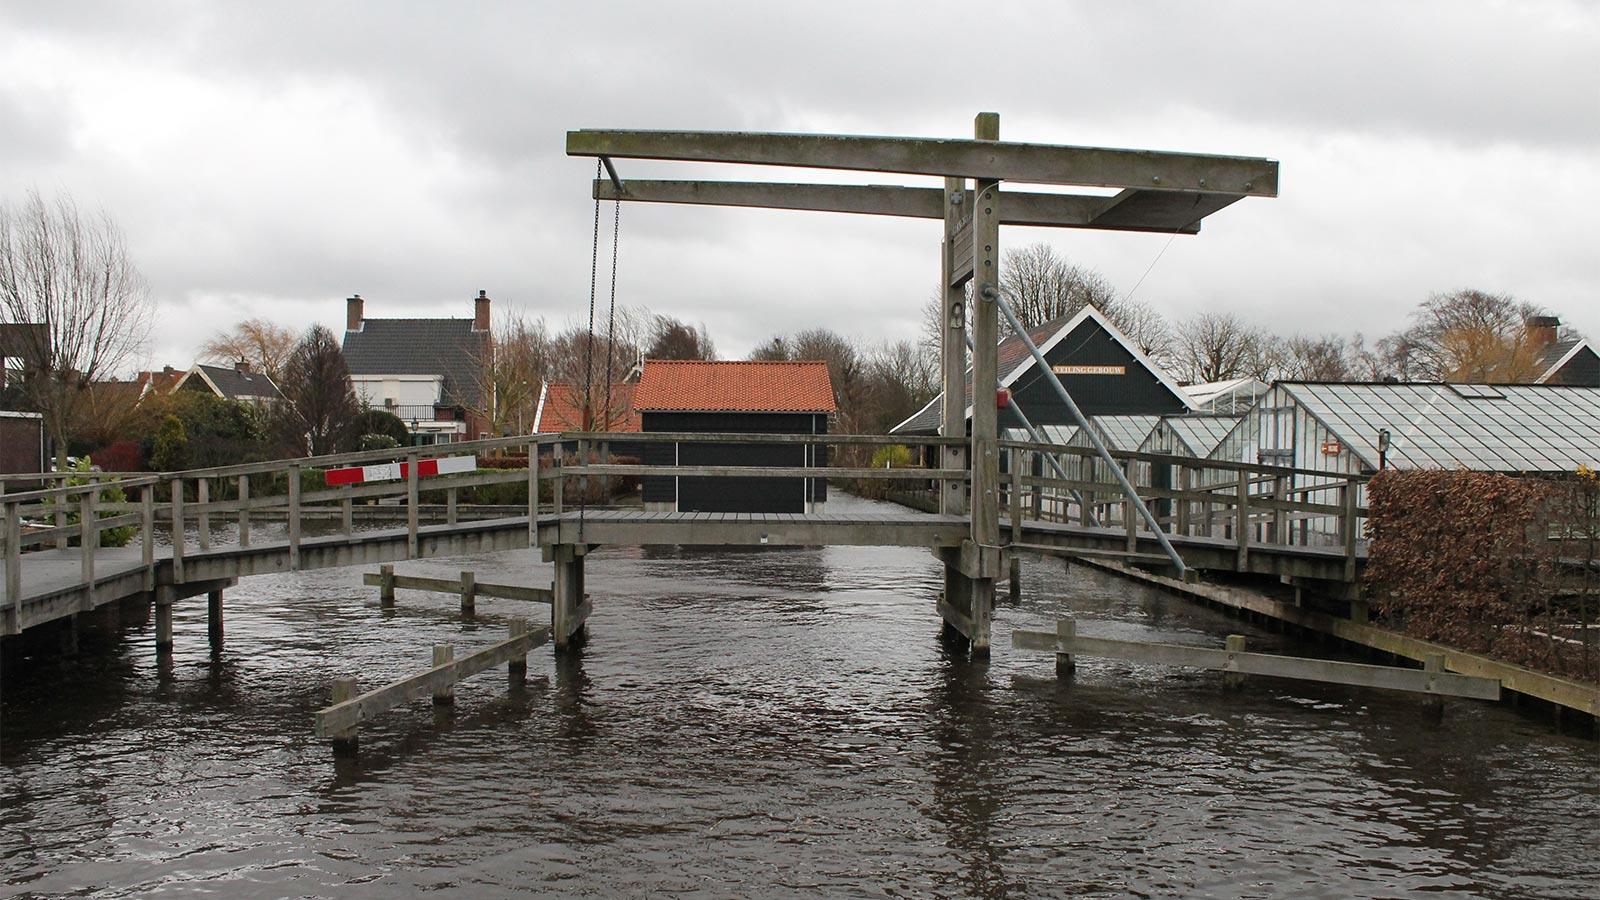 De toegangsbrug naar de Historische Tuin Aalsmeer, openingstijden 10:00 tot 16:30 uur dinsdag tot en met zondag